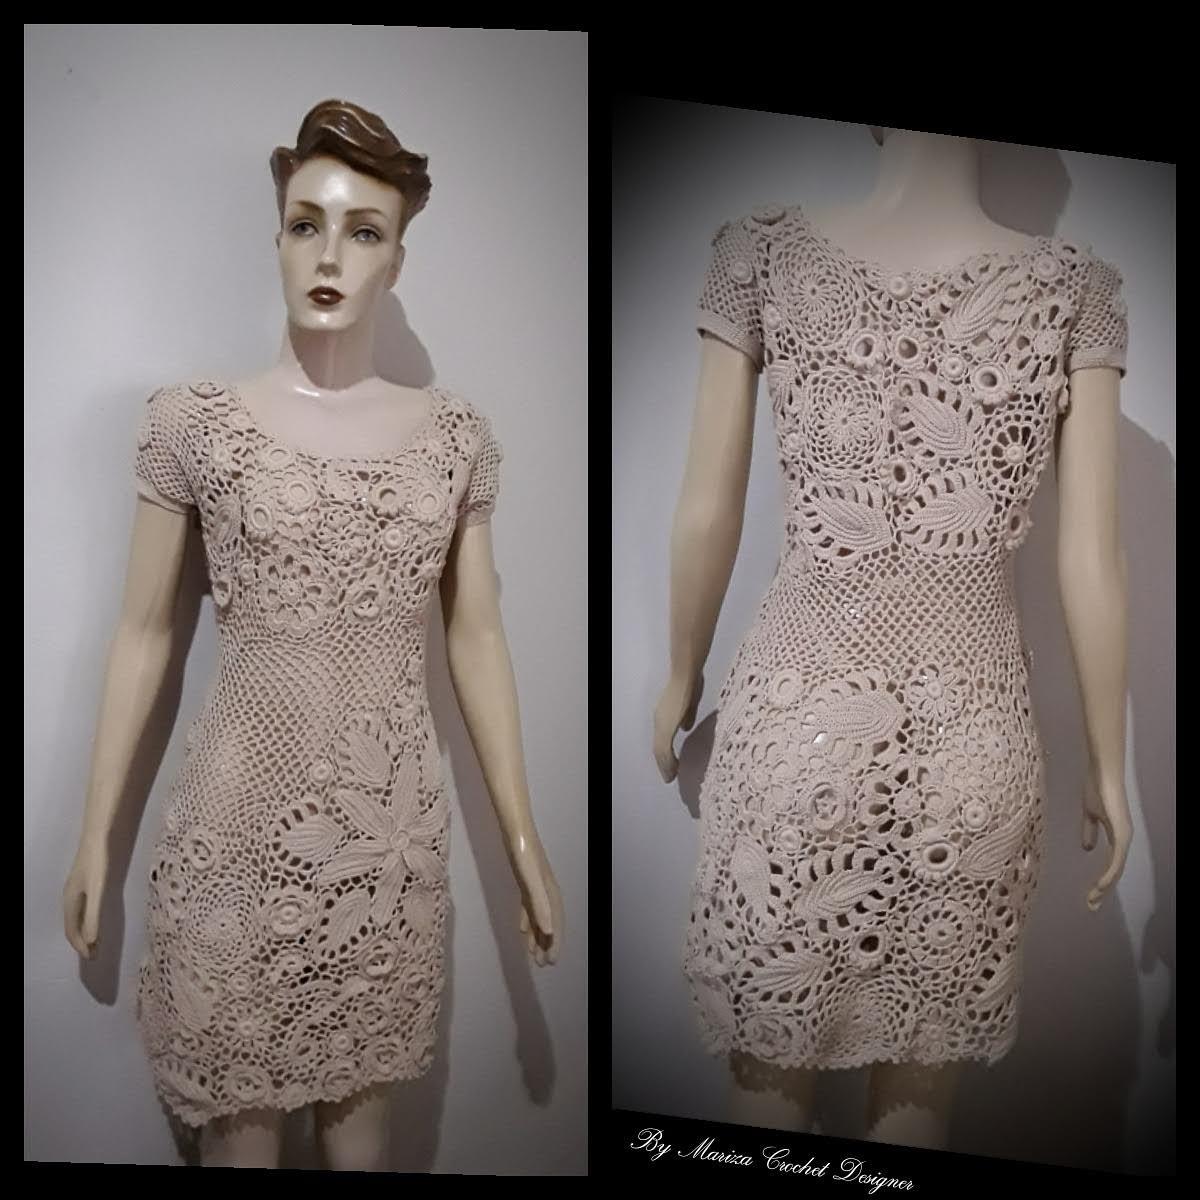 a62aec942675 Vestido Crochet Irlandês no Elo7   Ateliê Arte do Vale Paranaíba ...